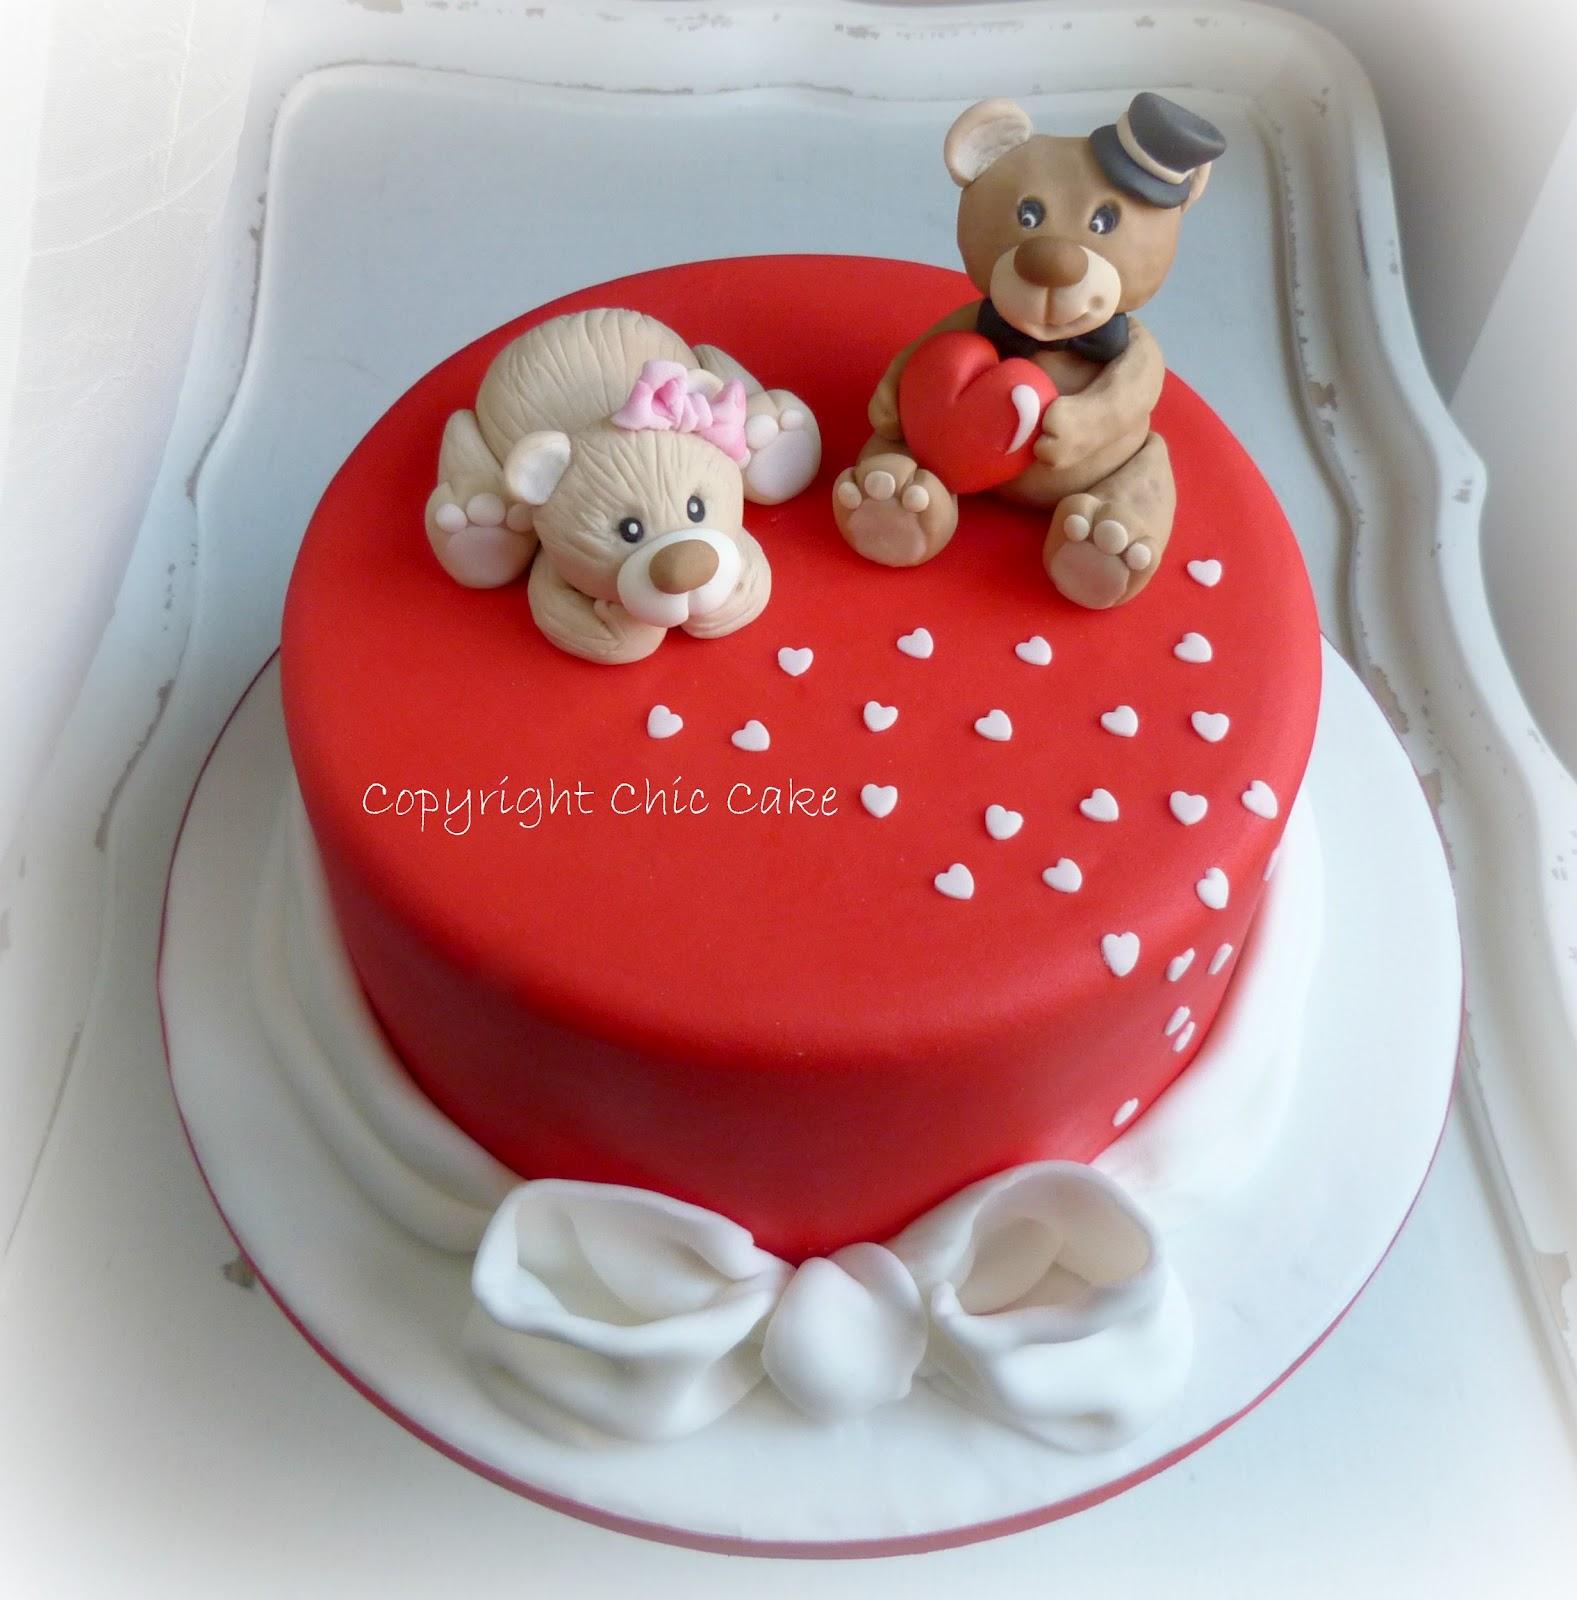 CORSO CAKE DESIGN 26 MAGGIO 2012 da su Akkiapparicette